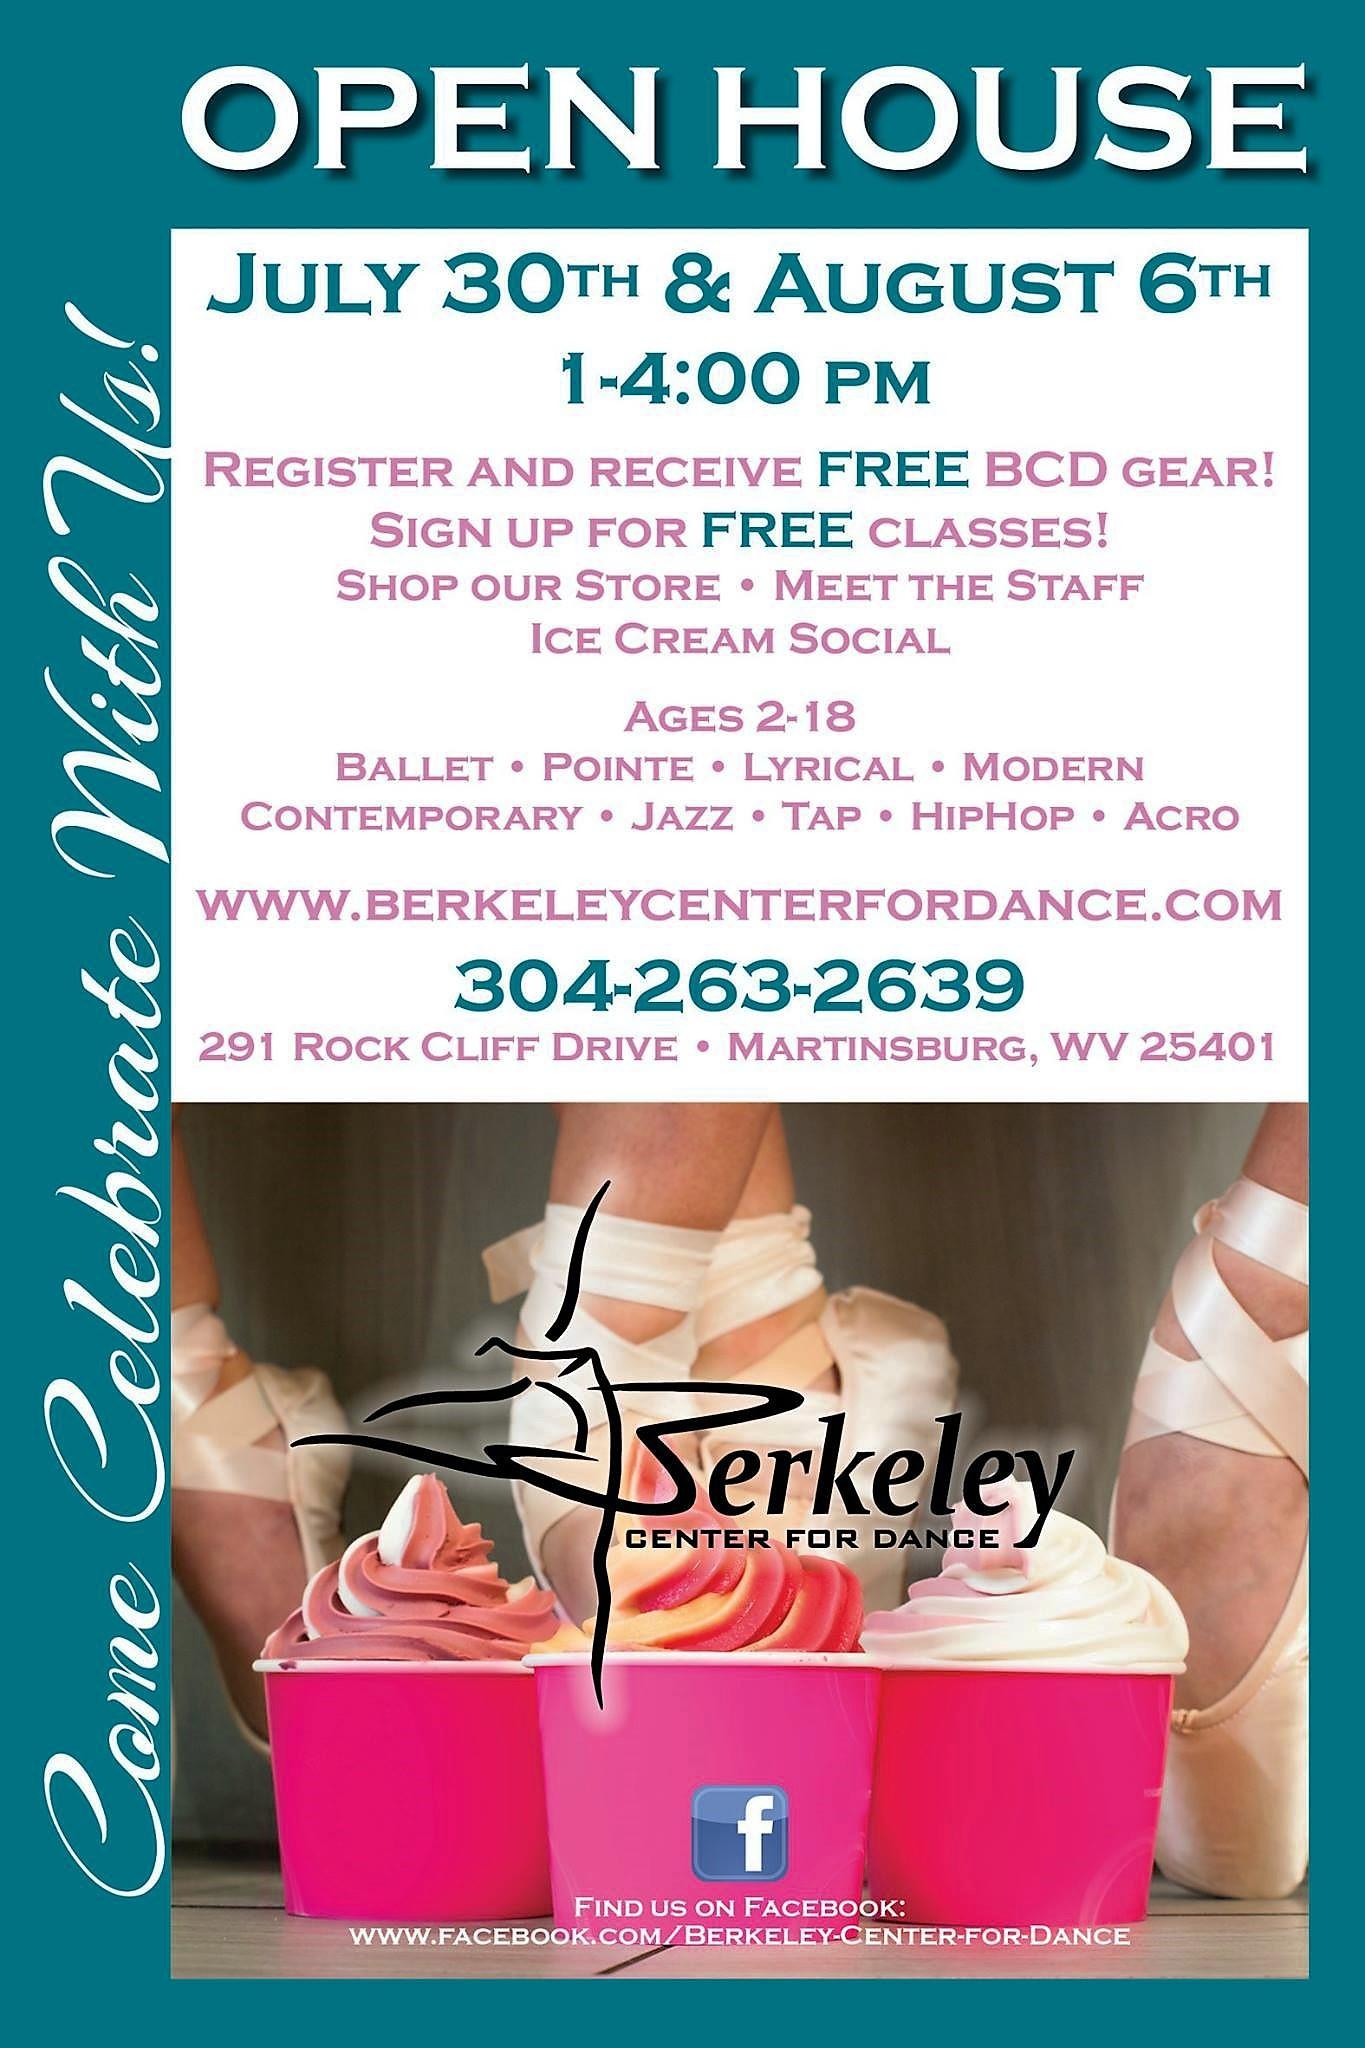 Berkeley Center Dance Open House Info